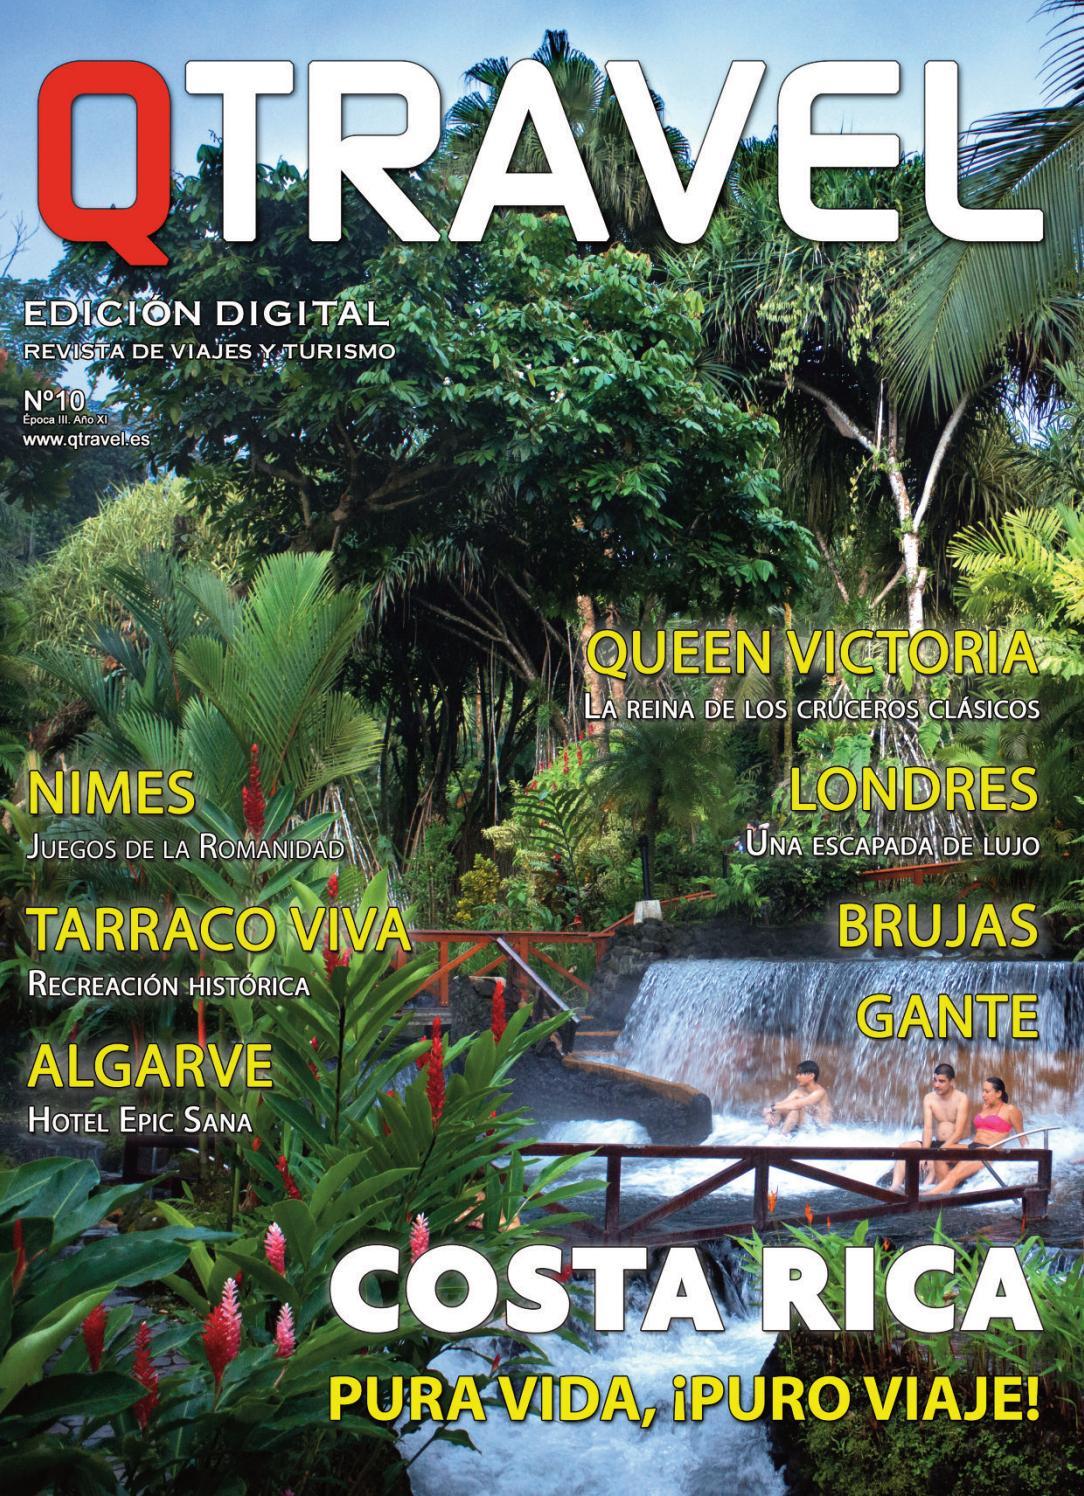 Revista de viajes QTRAVEL Digital nº10 by REVISTA QTRAVEL - issuu